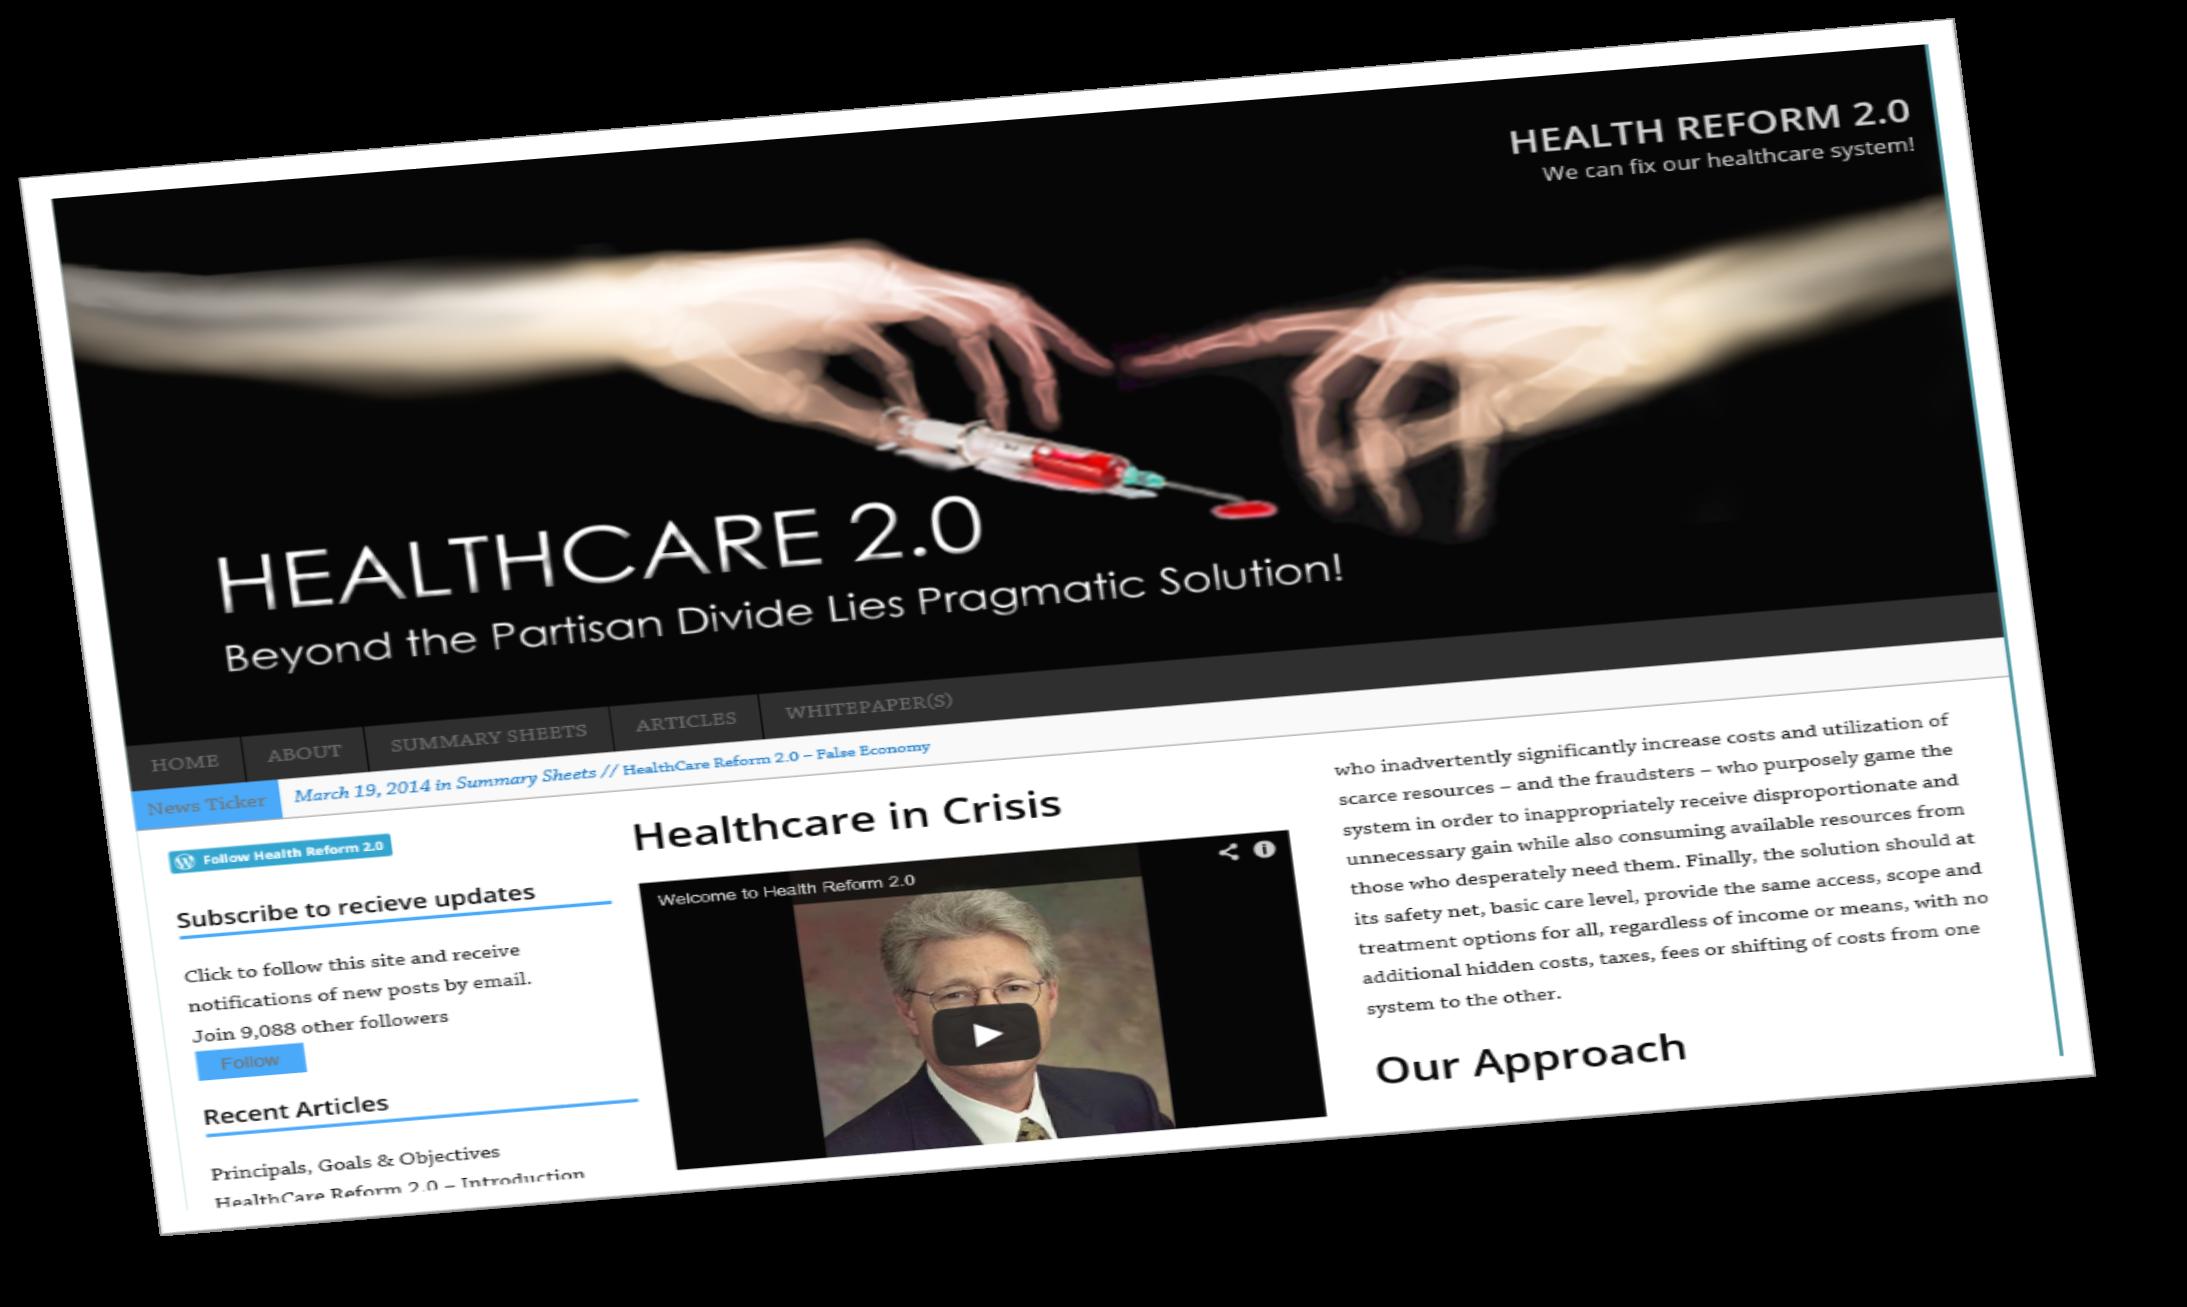 Healthreform 2.0 Whitepaper